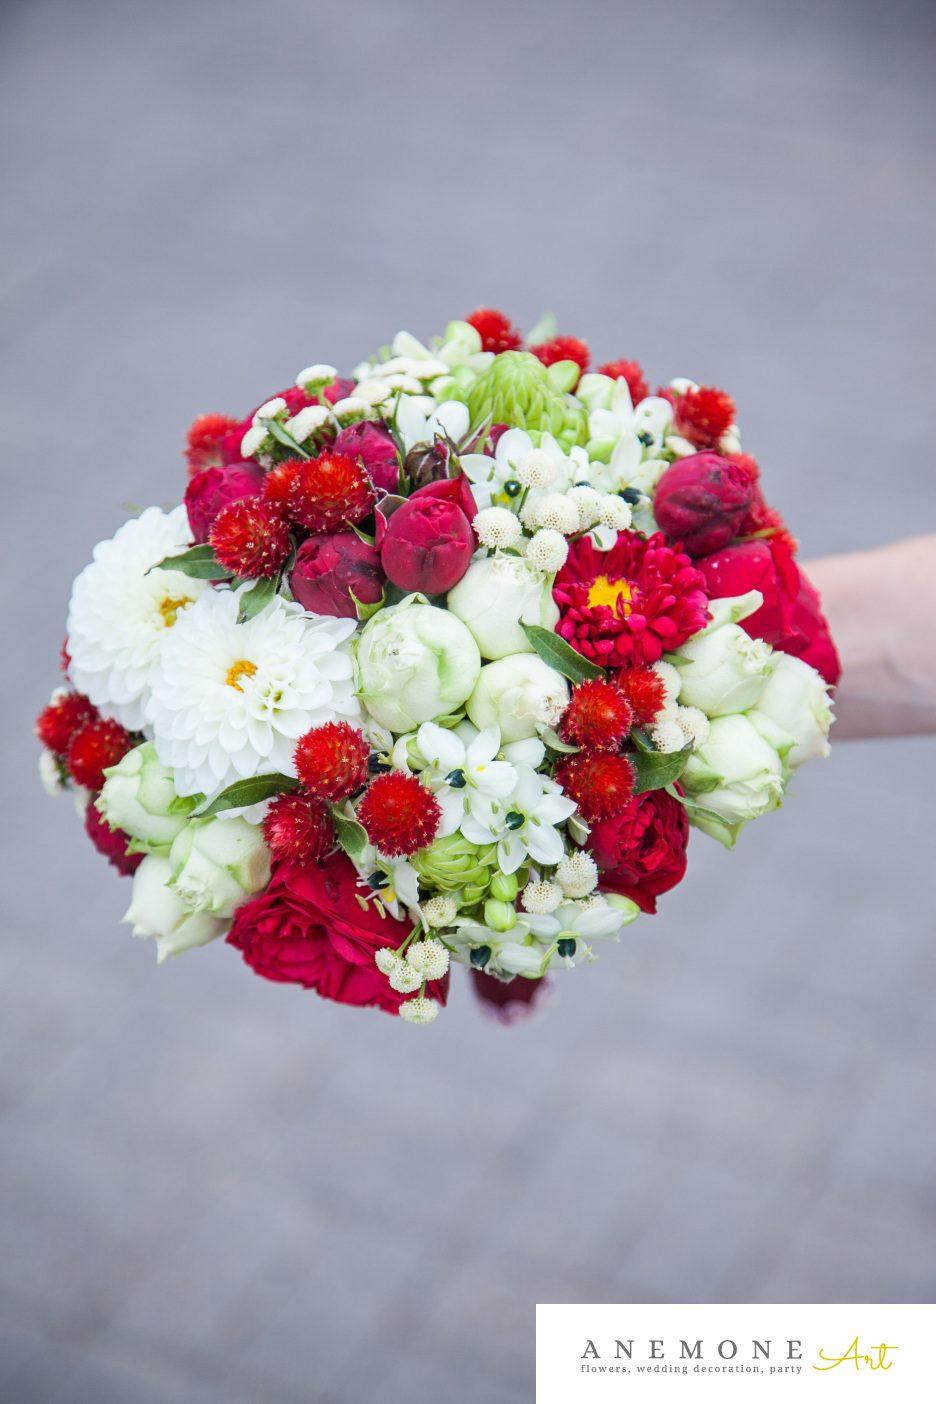 Poza, foto cu Flori de nunta buchet mireasa, rosu, rotund in Arad, Timisoara, Oradea (wedding flowers, bouquets) nunta Arad, Timisoara, Oradea